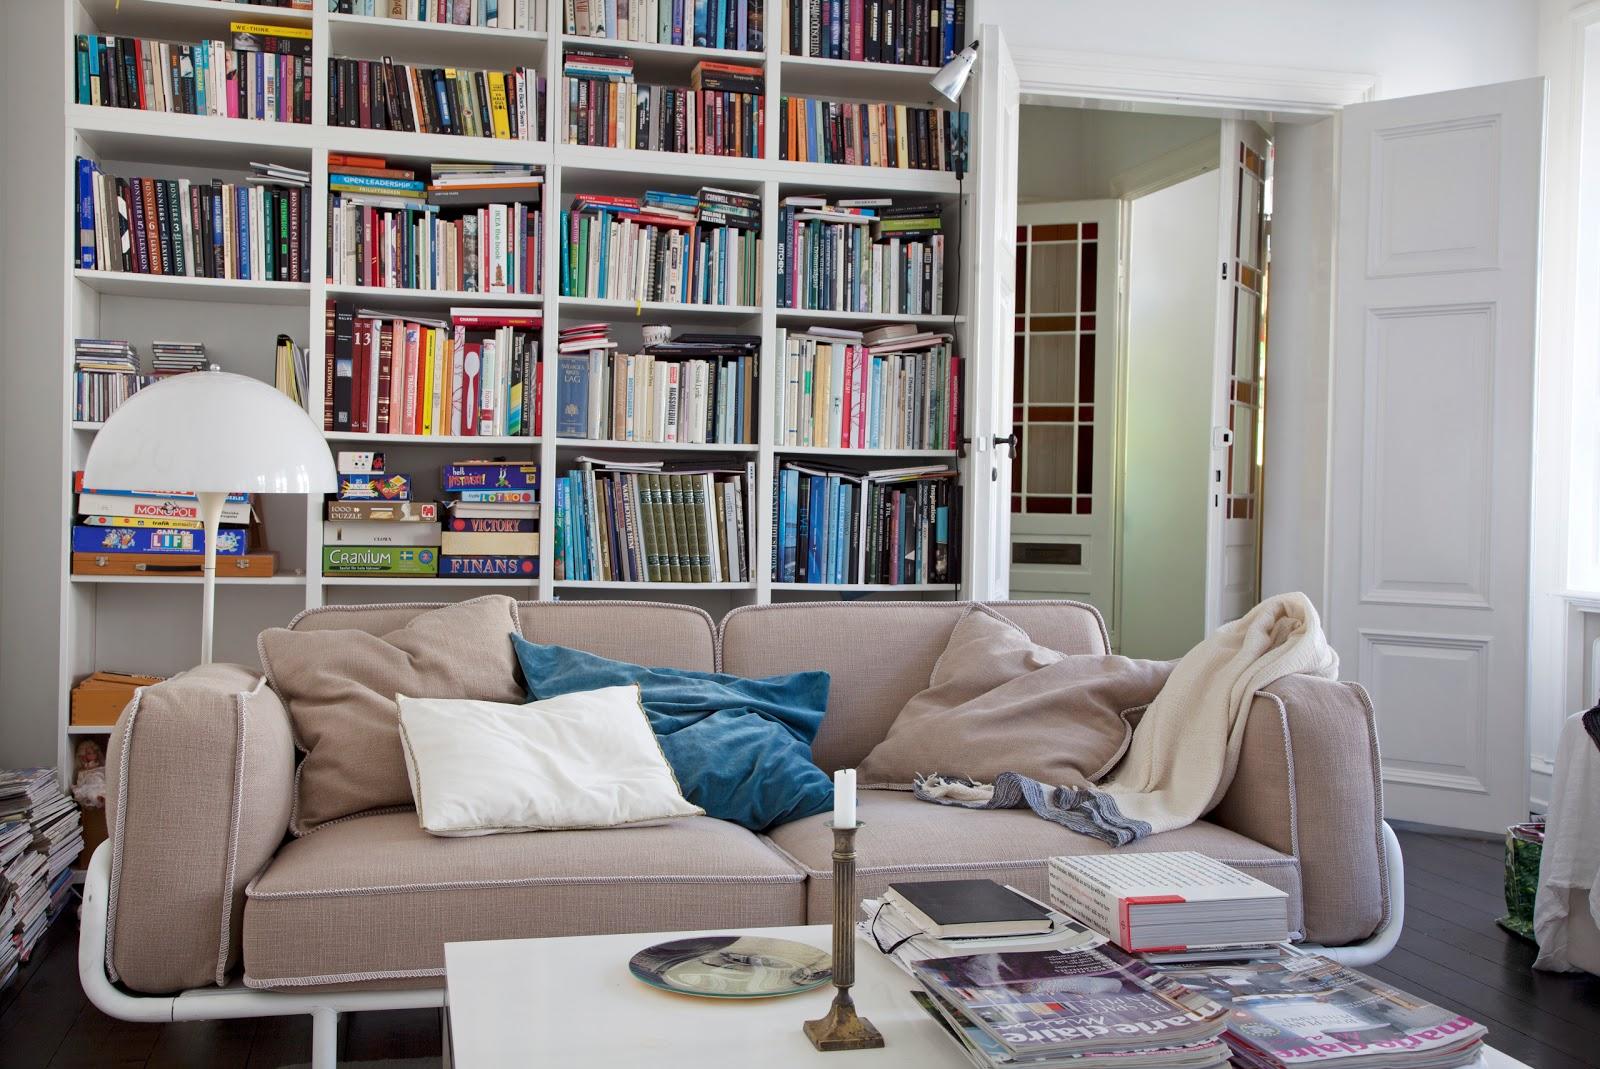 affordable son bras est doublement articul grce la. Black Bedroom Furniture Sets. Home Design Ideas